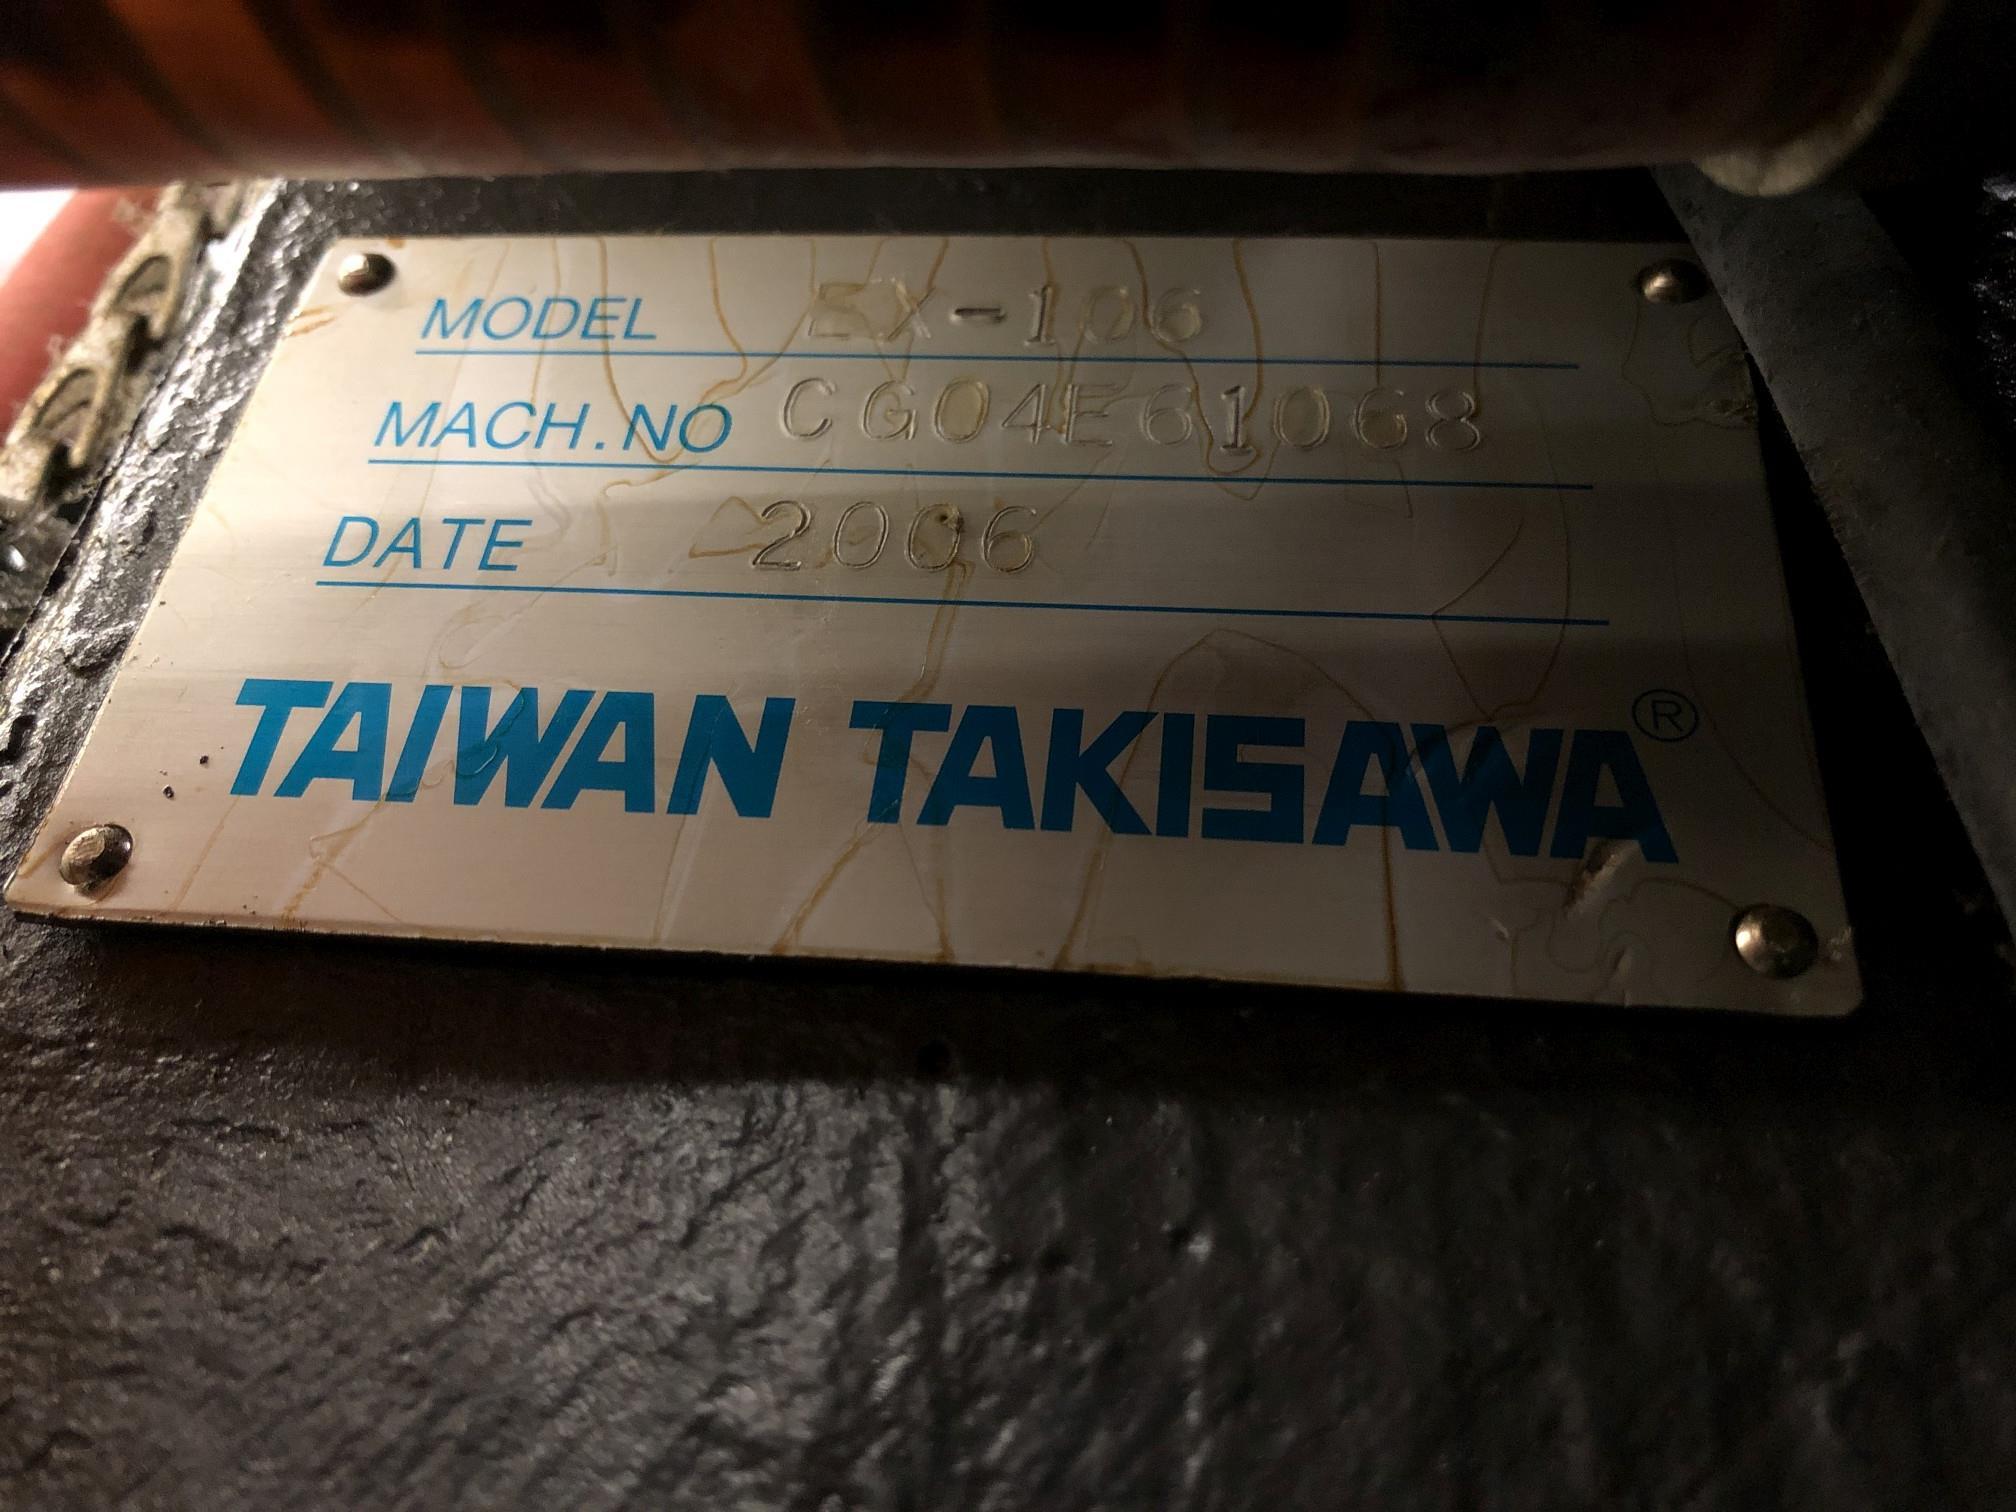 2006 Takisawa EX-106 CNC Lathe - Image 10 of 11